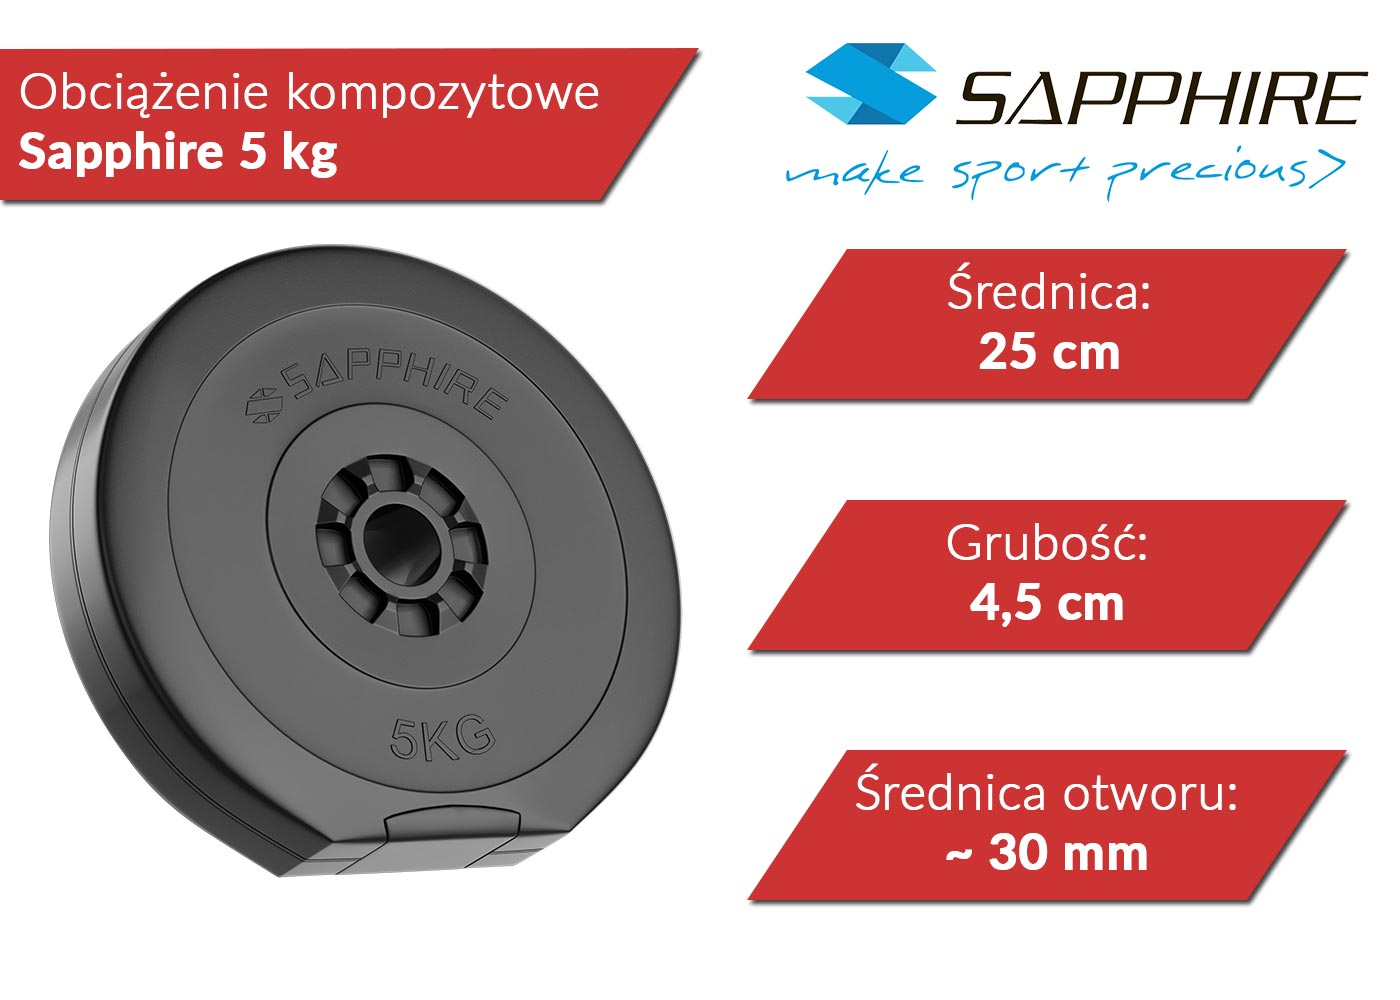 Obciążenia kompozytowe 5 kg Sapphire